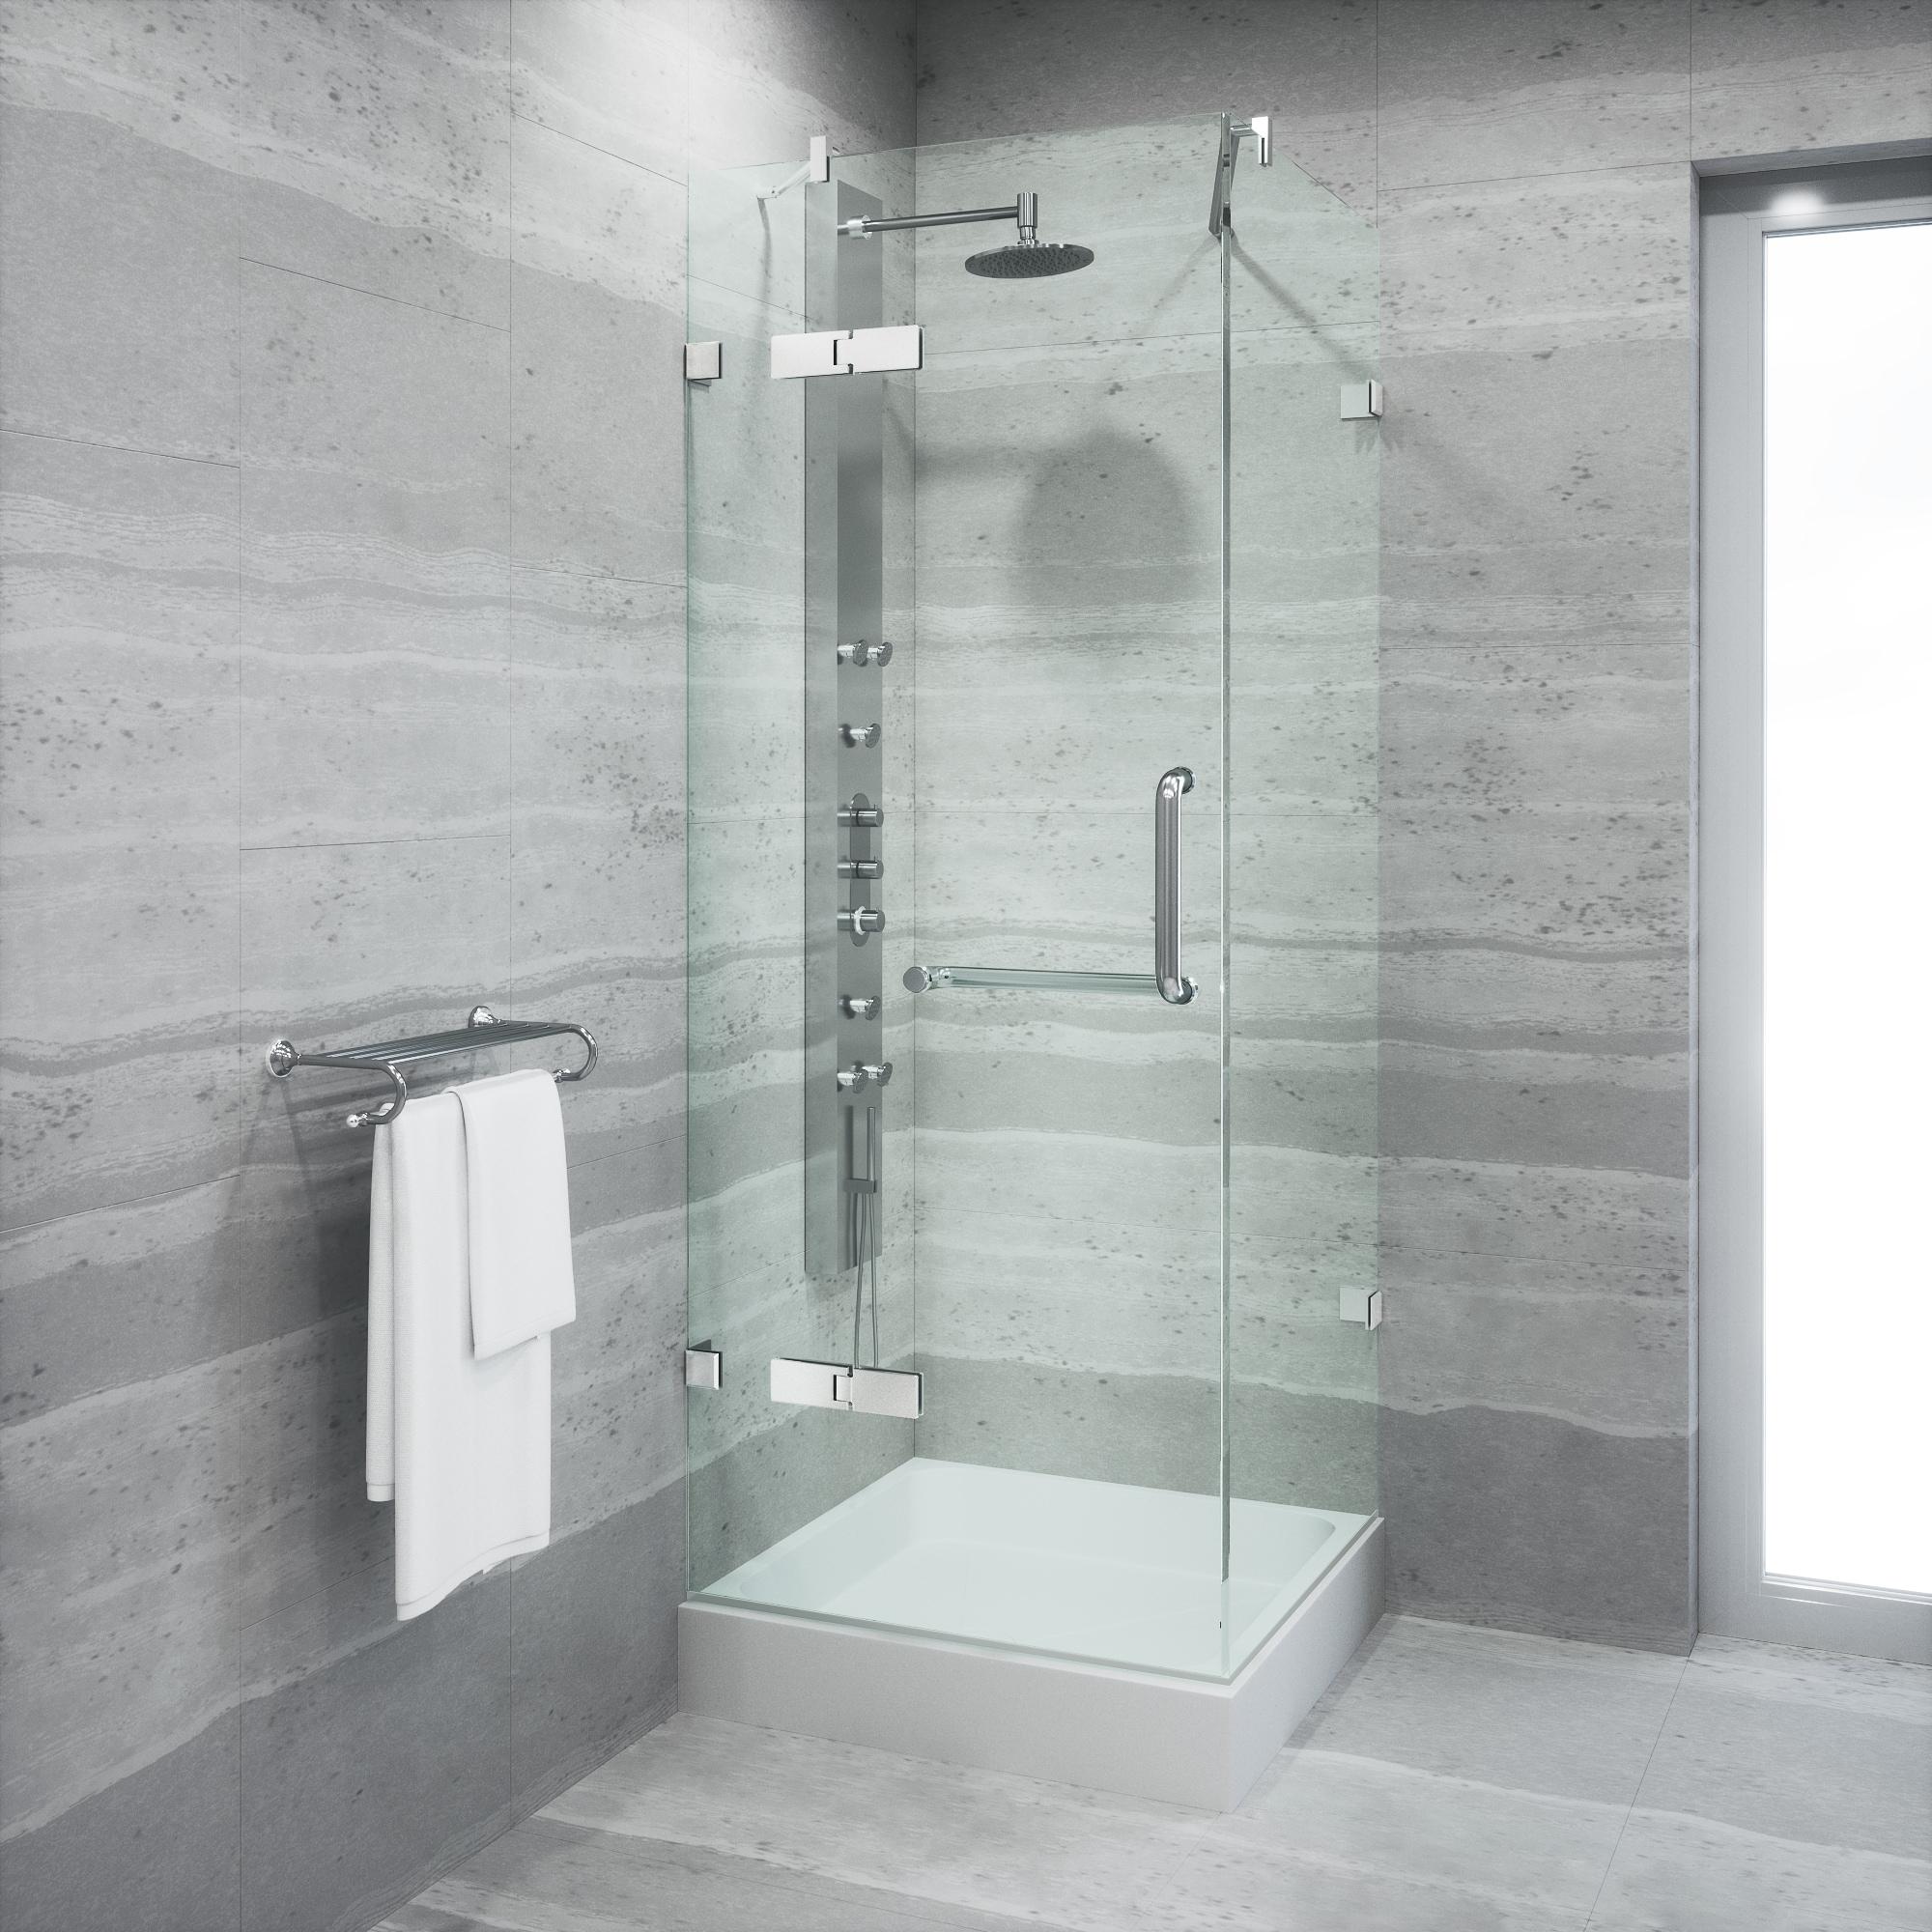 Shop VIGO Frameless Square Clear Shower Enclosure and Base (32 x 32 ...